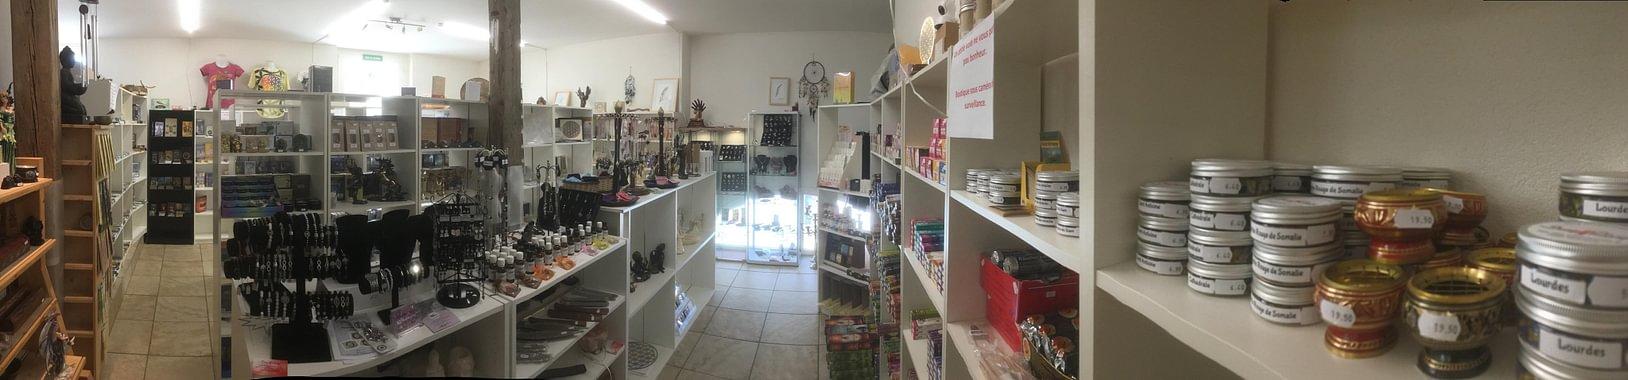 Divers articles à l'étage de la boutique, livre, encens, oracle, statue, pendule, etc...